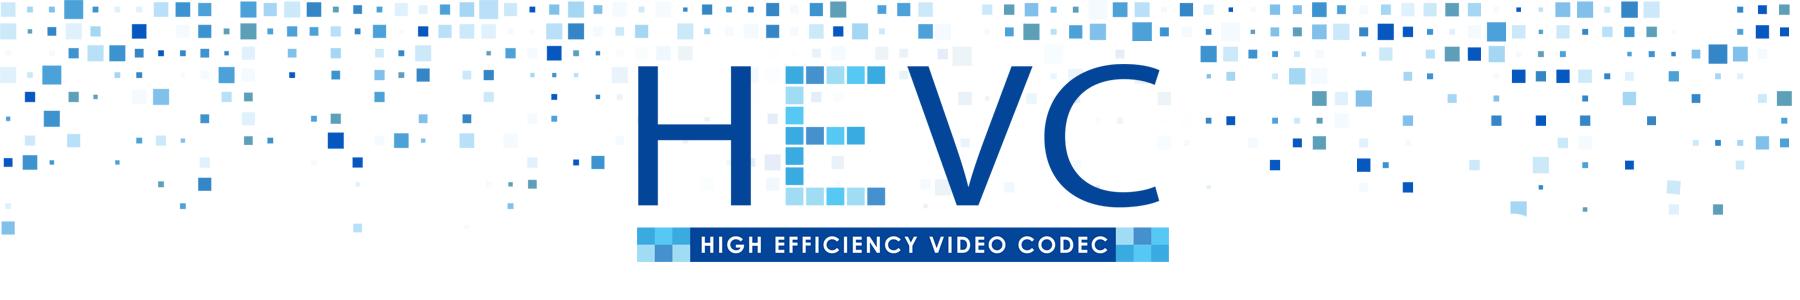 HEVC logo icon